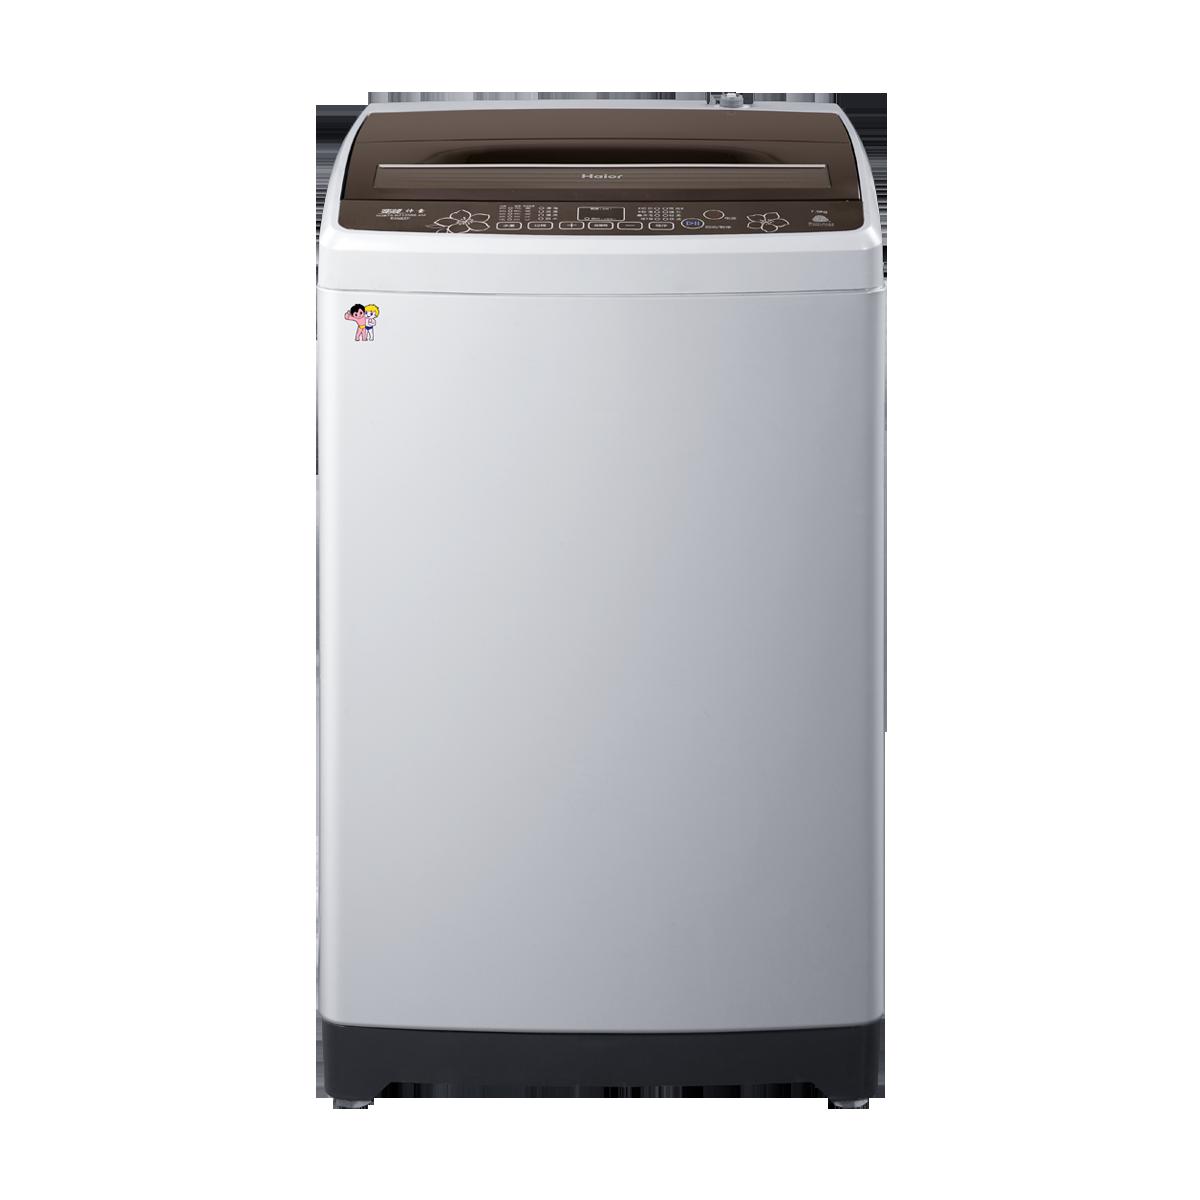 海尔Haier洗衣机 XQB75-BZ12588(AM) 说明书